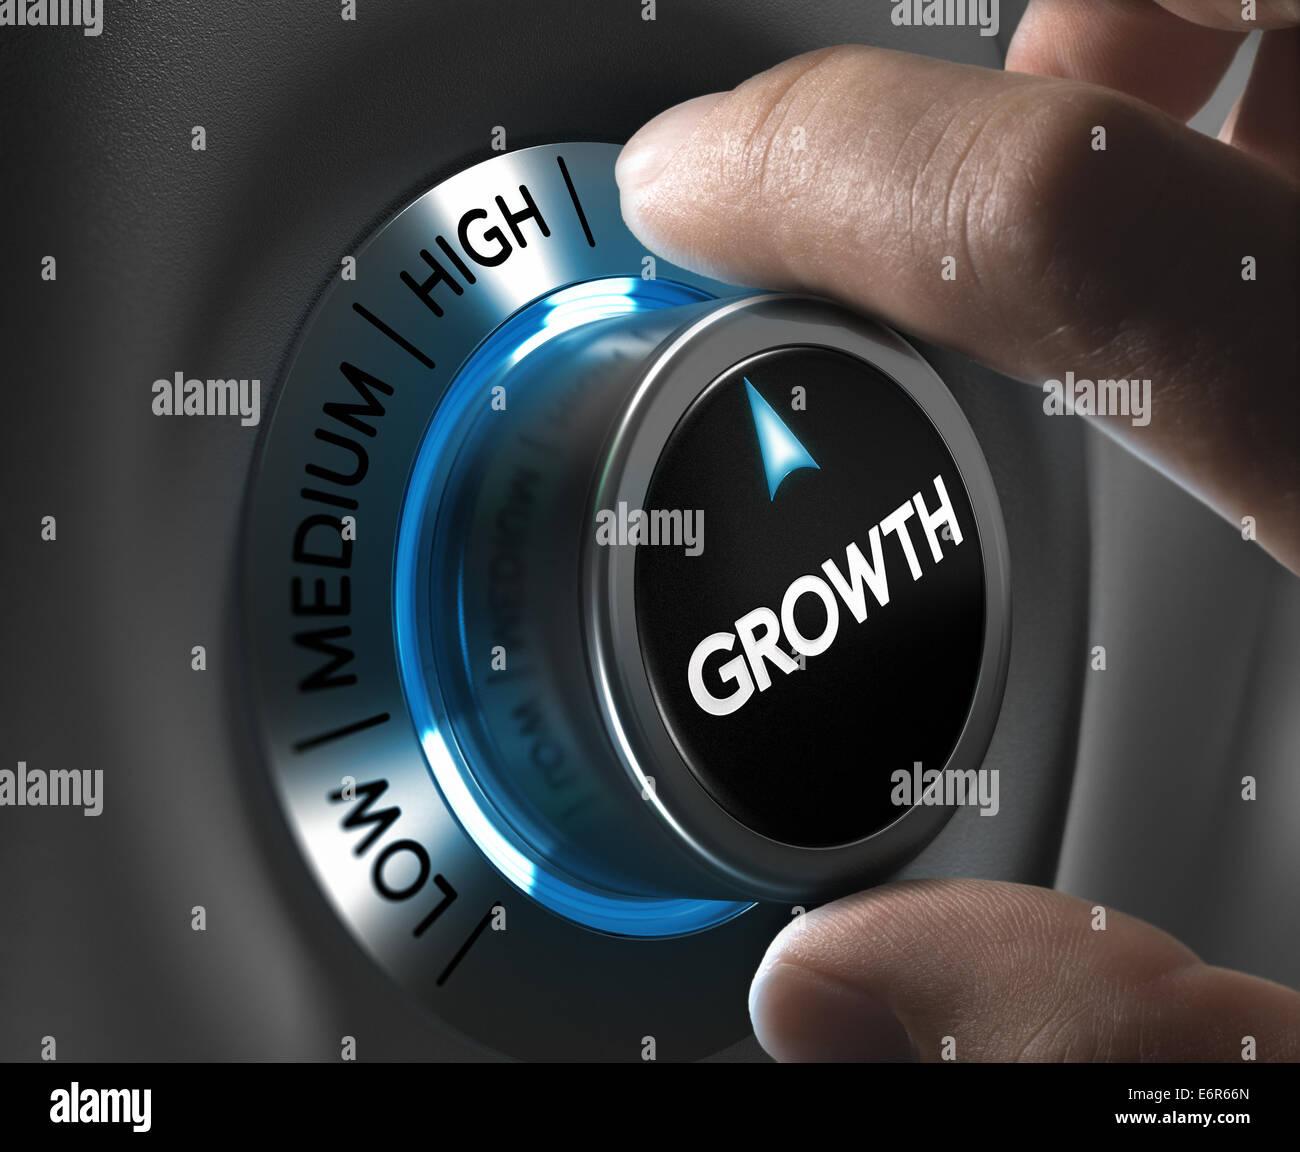 Pulsante di crescita puntando la posizione più alta con due dita, blu e i toni di grigio, immagine concettuale Immagini Stock